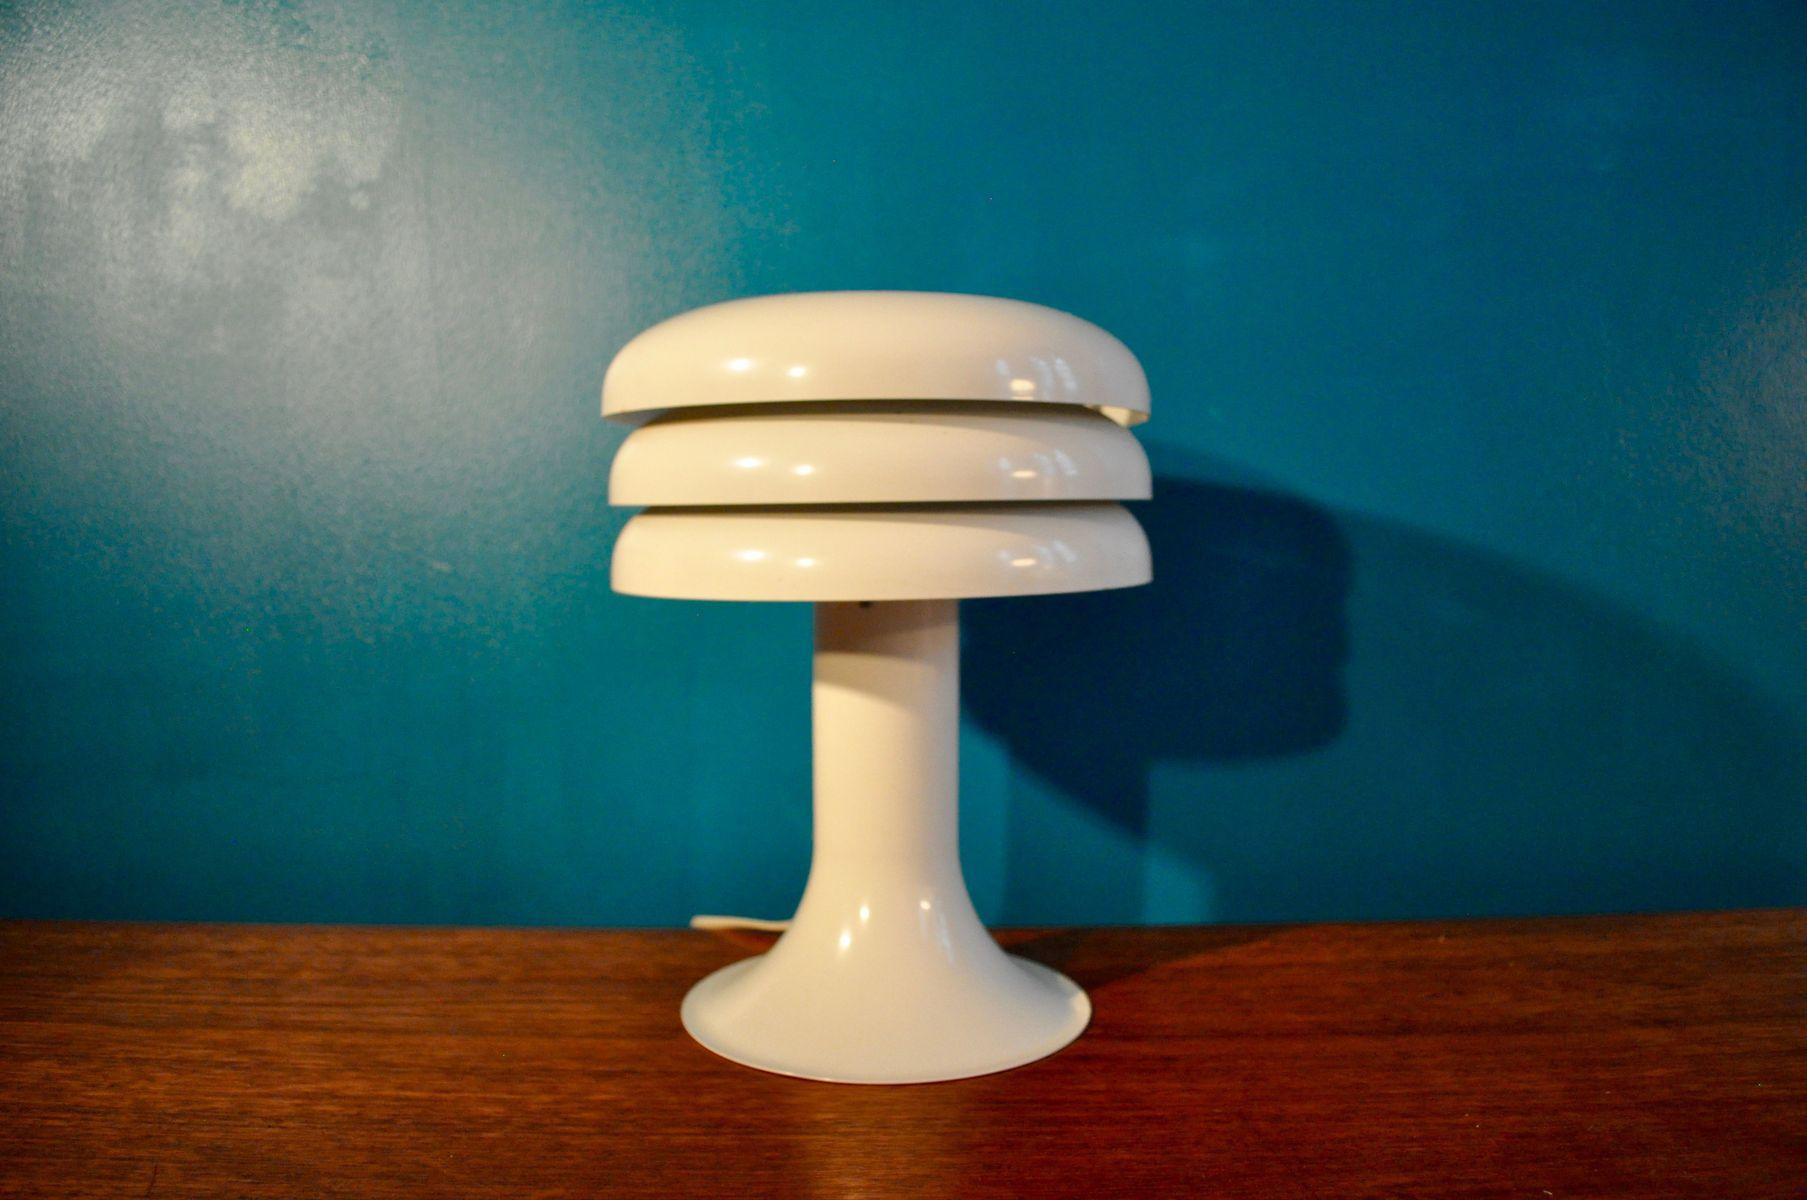 bn25 desk lamp by hans agne jakobsson for hans agne. Black Bedroom Furniture Sets. Home Design Ideas